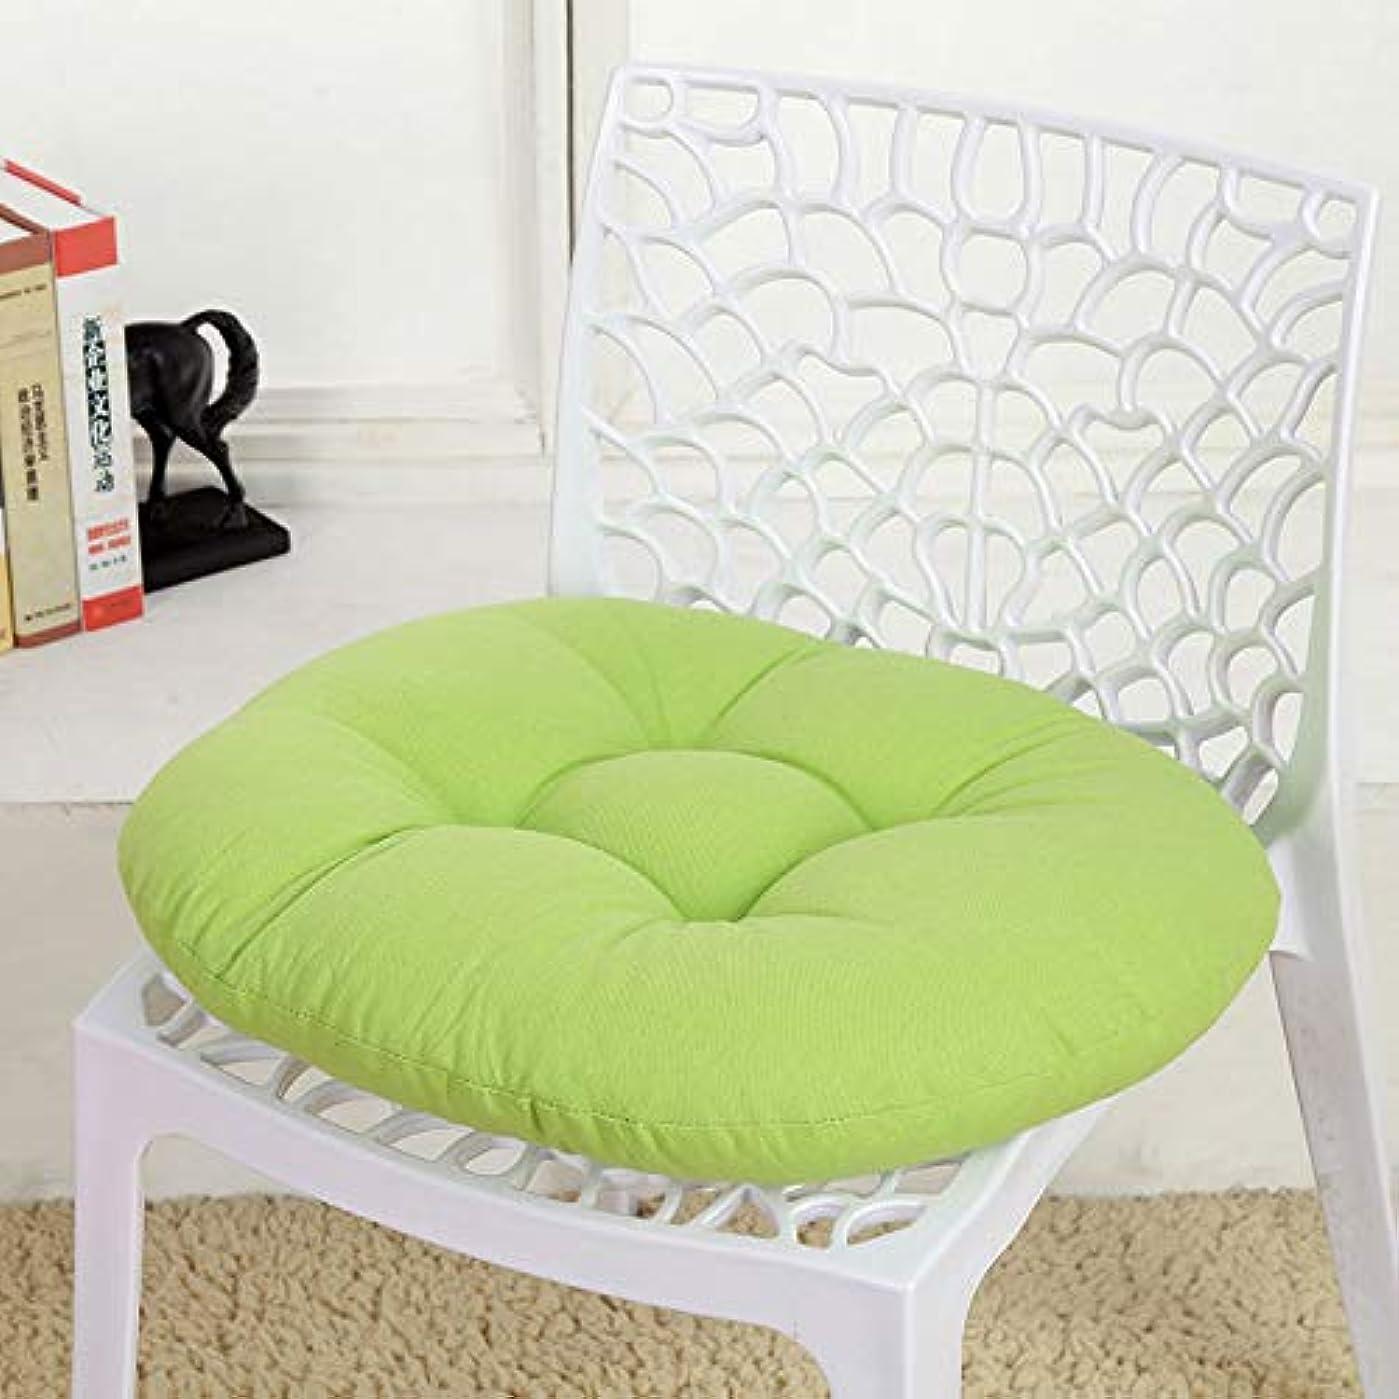 伝記どっちおっとLIFE キャンディカラーのクッションラウンドシートクッション波ウィンドウシートクッションクッション家の装飾パッドラウンド枕シート枕椅子座る枕 クッション 椅子